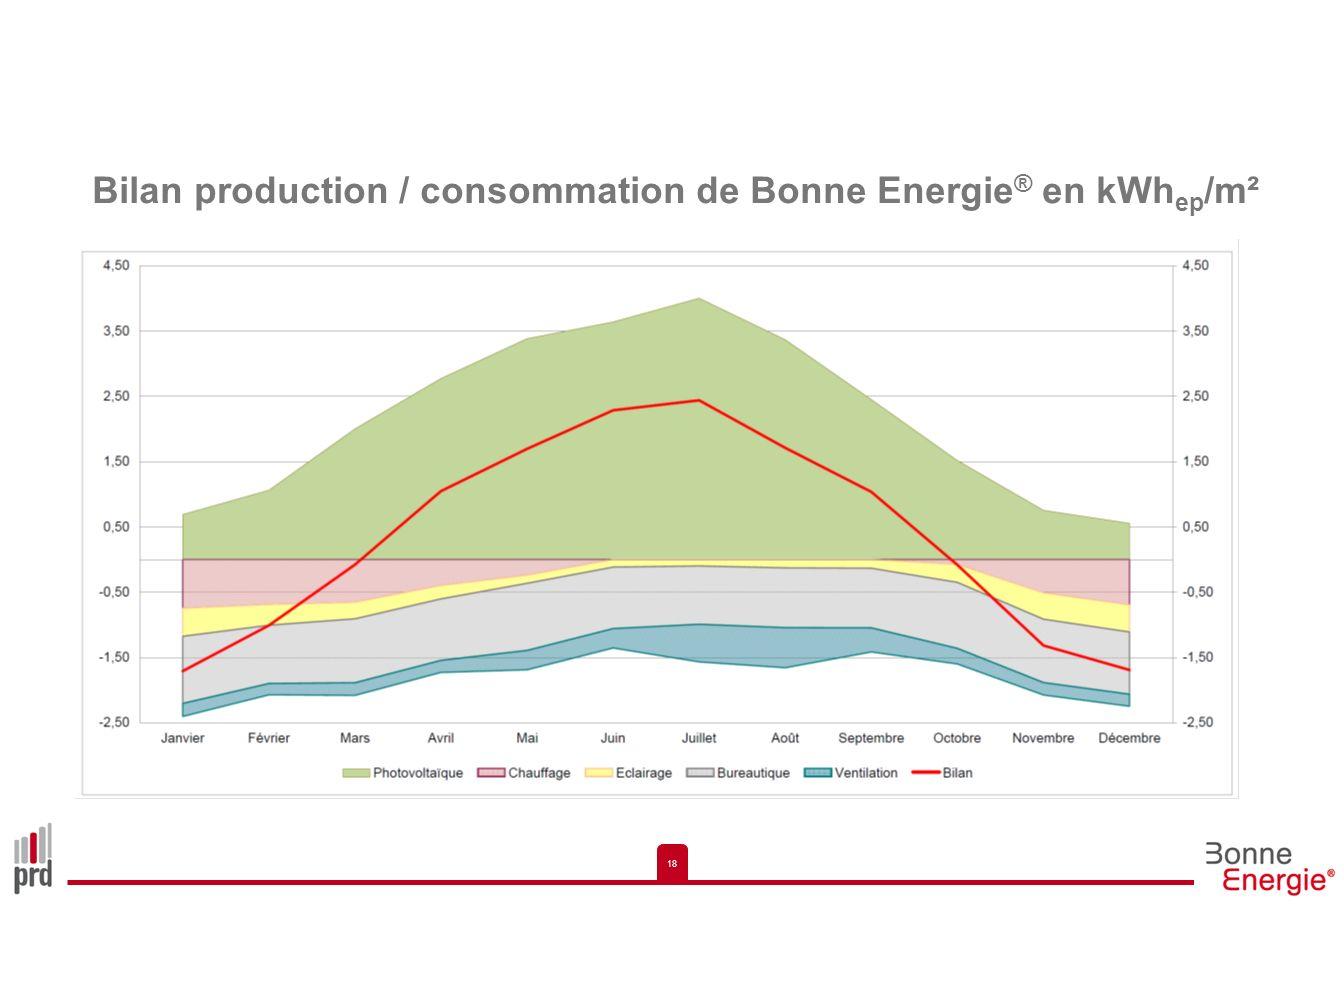 18 Bilan production / consommation de Bonne Energie ® en kWh ep /m²